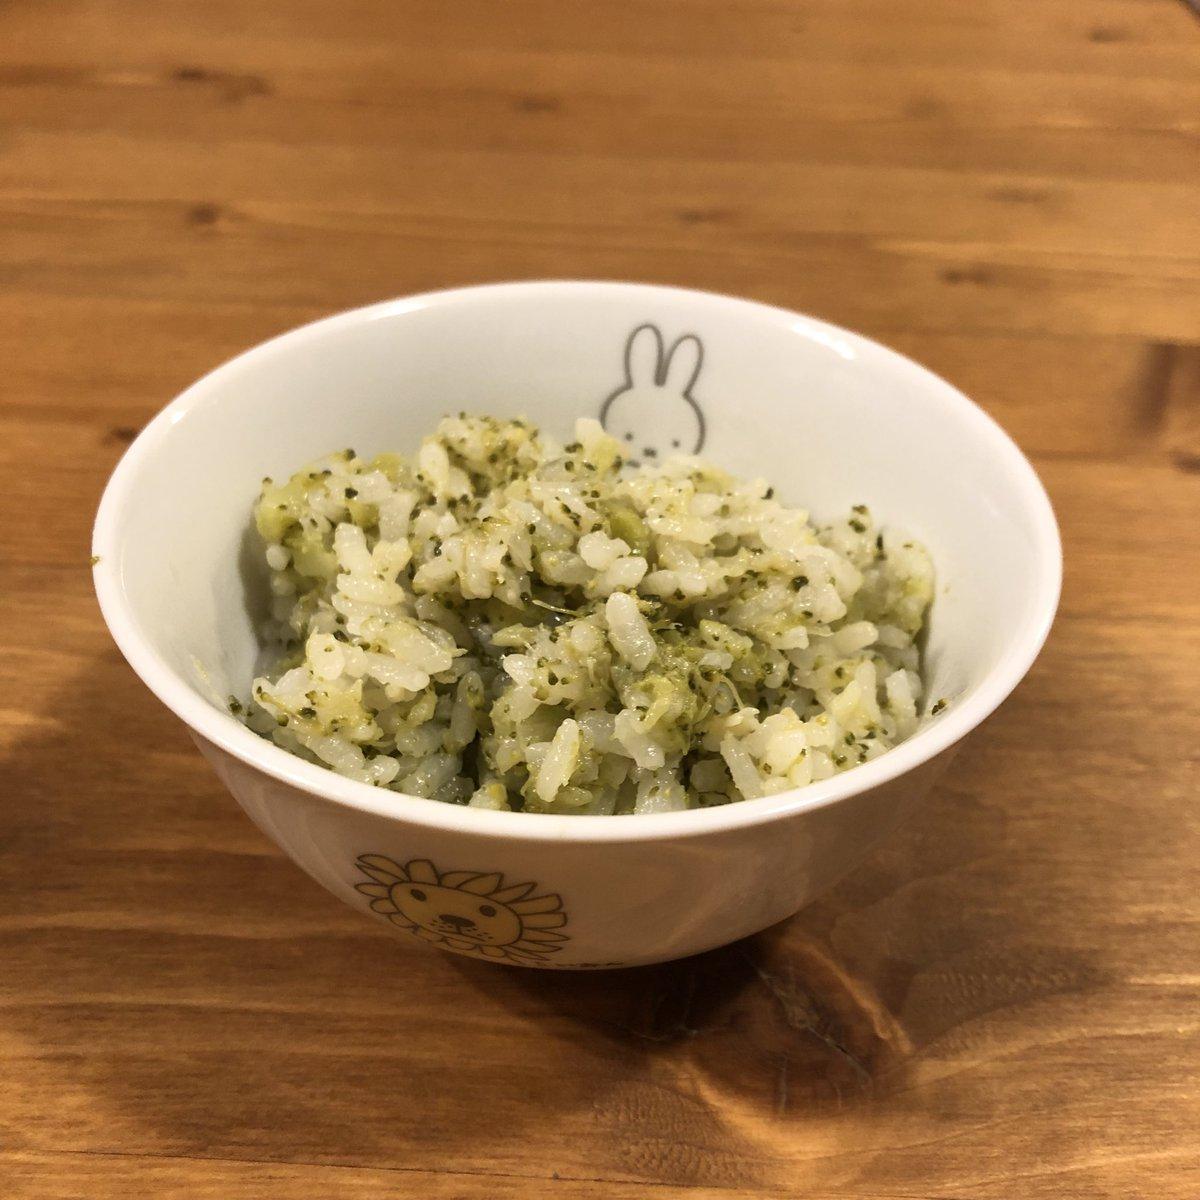 旨い!子供たちにも大人気の丸ごとブロッコリーの炊き込みご飯!